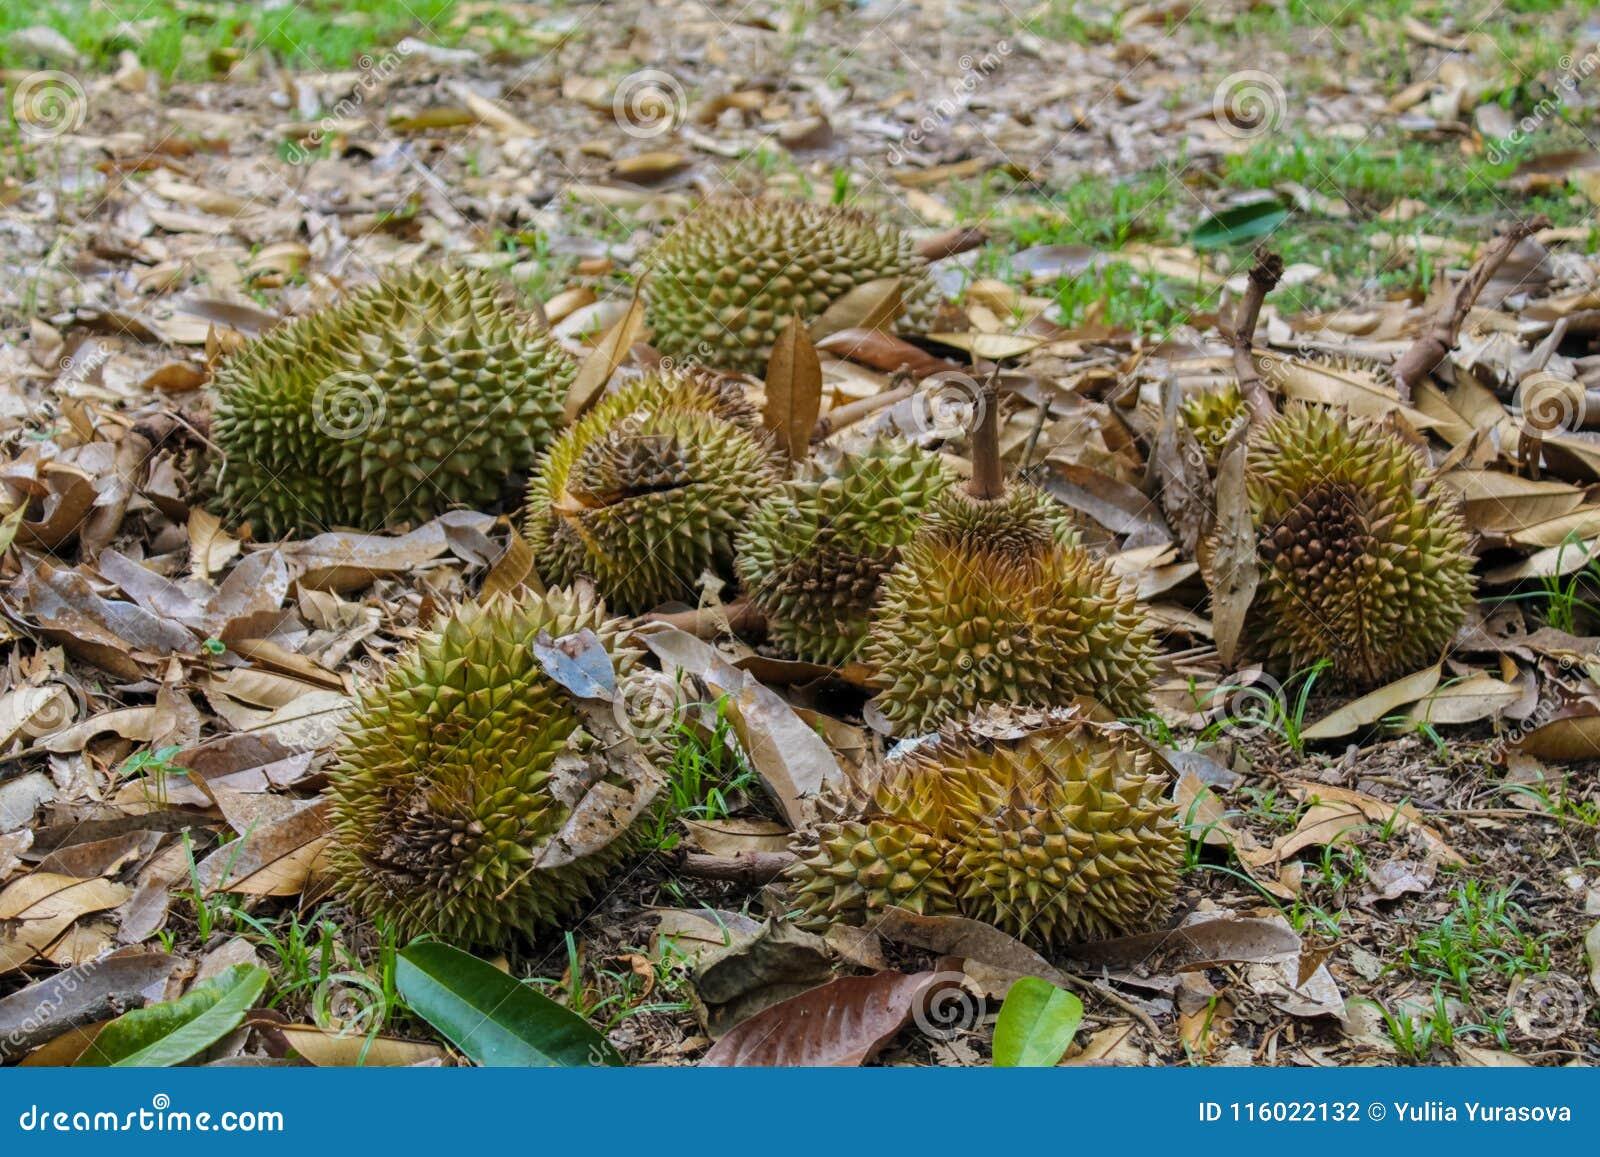 Durian owoc na ziemi pod drzewem w ogródzie